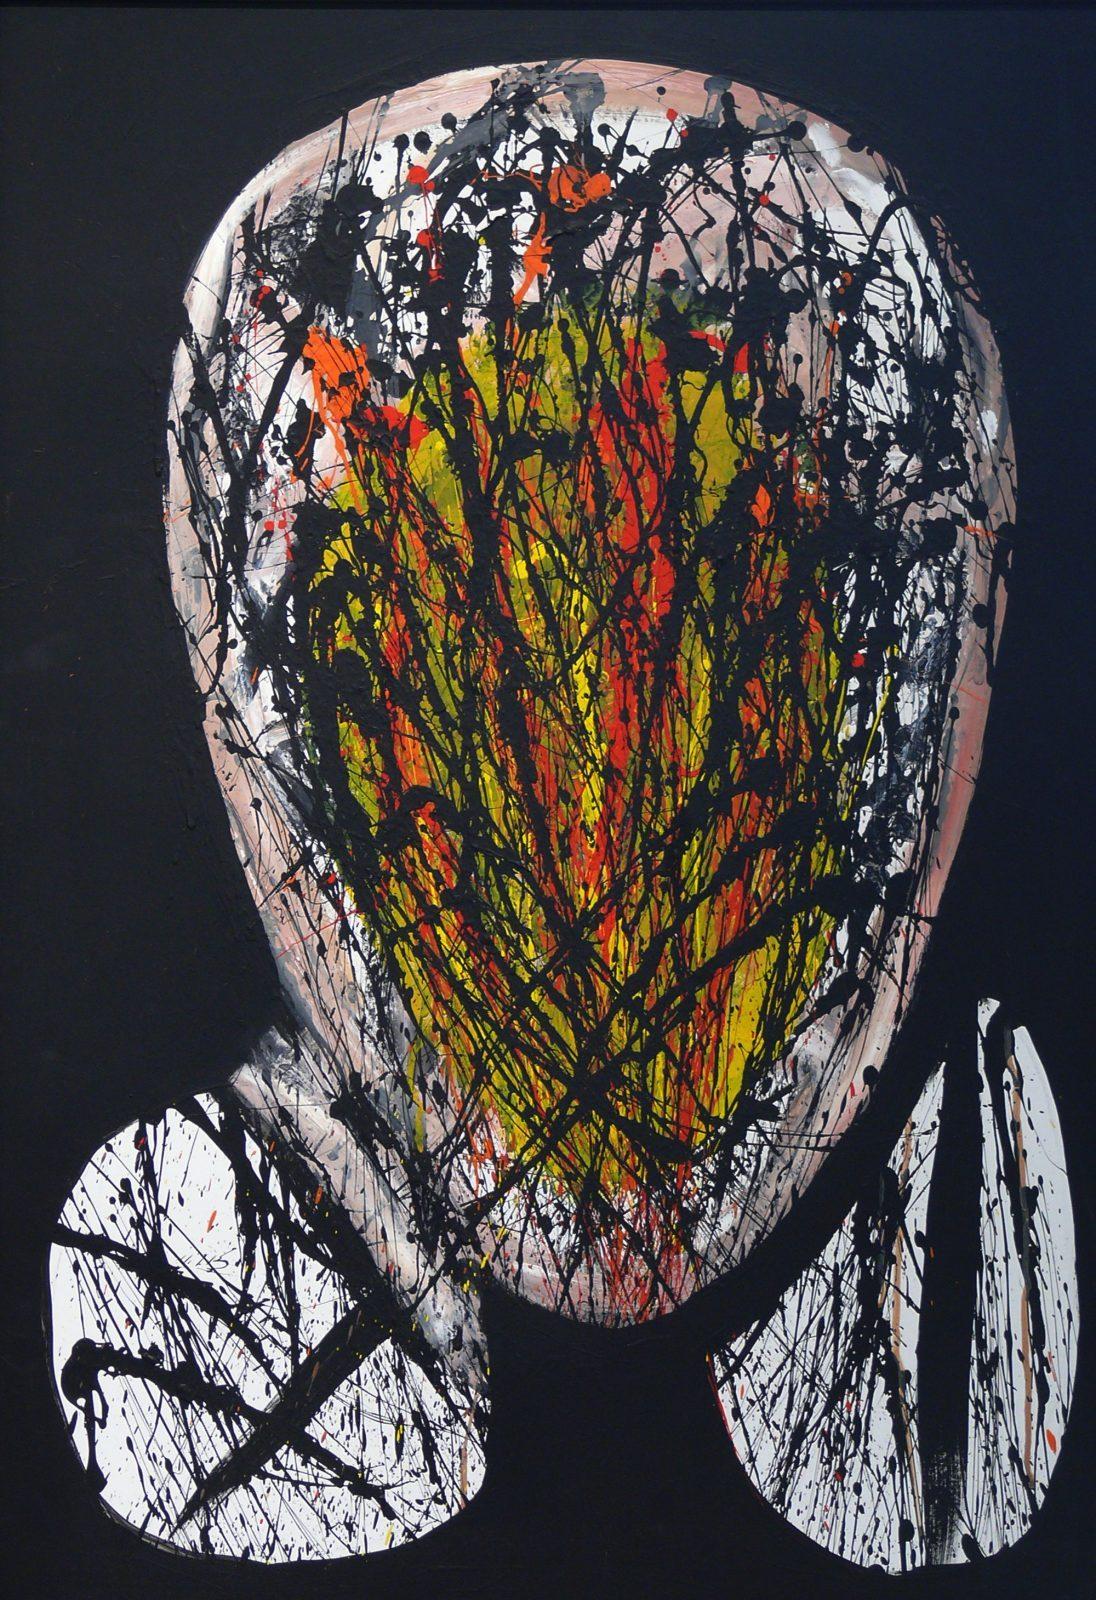 László feLugossy: Endless Heads 5.